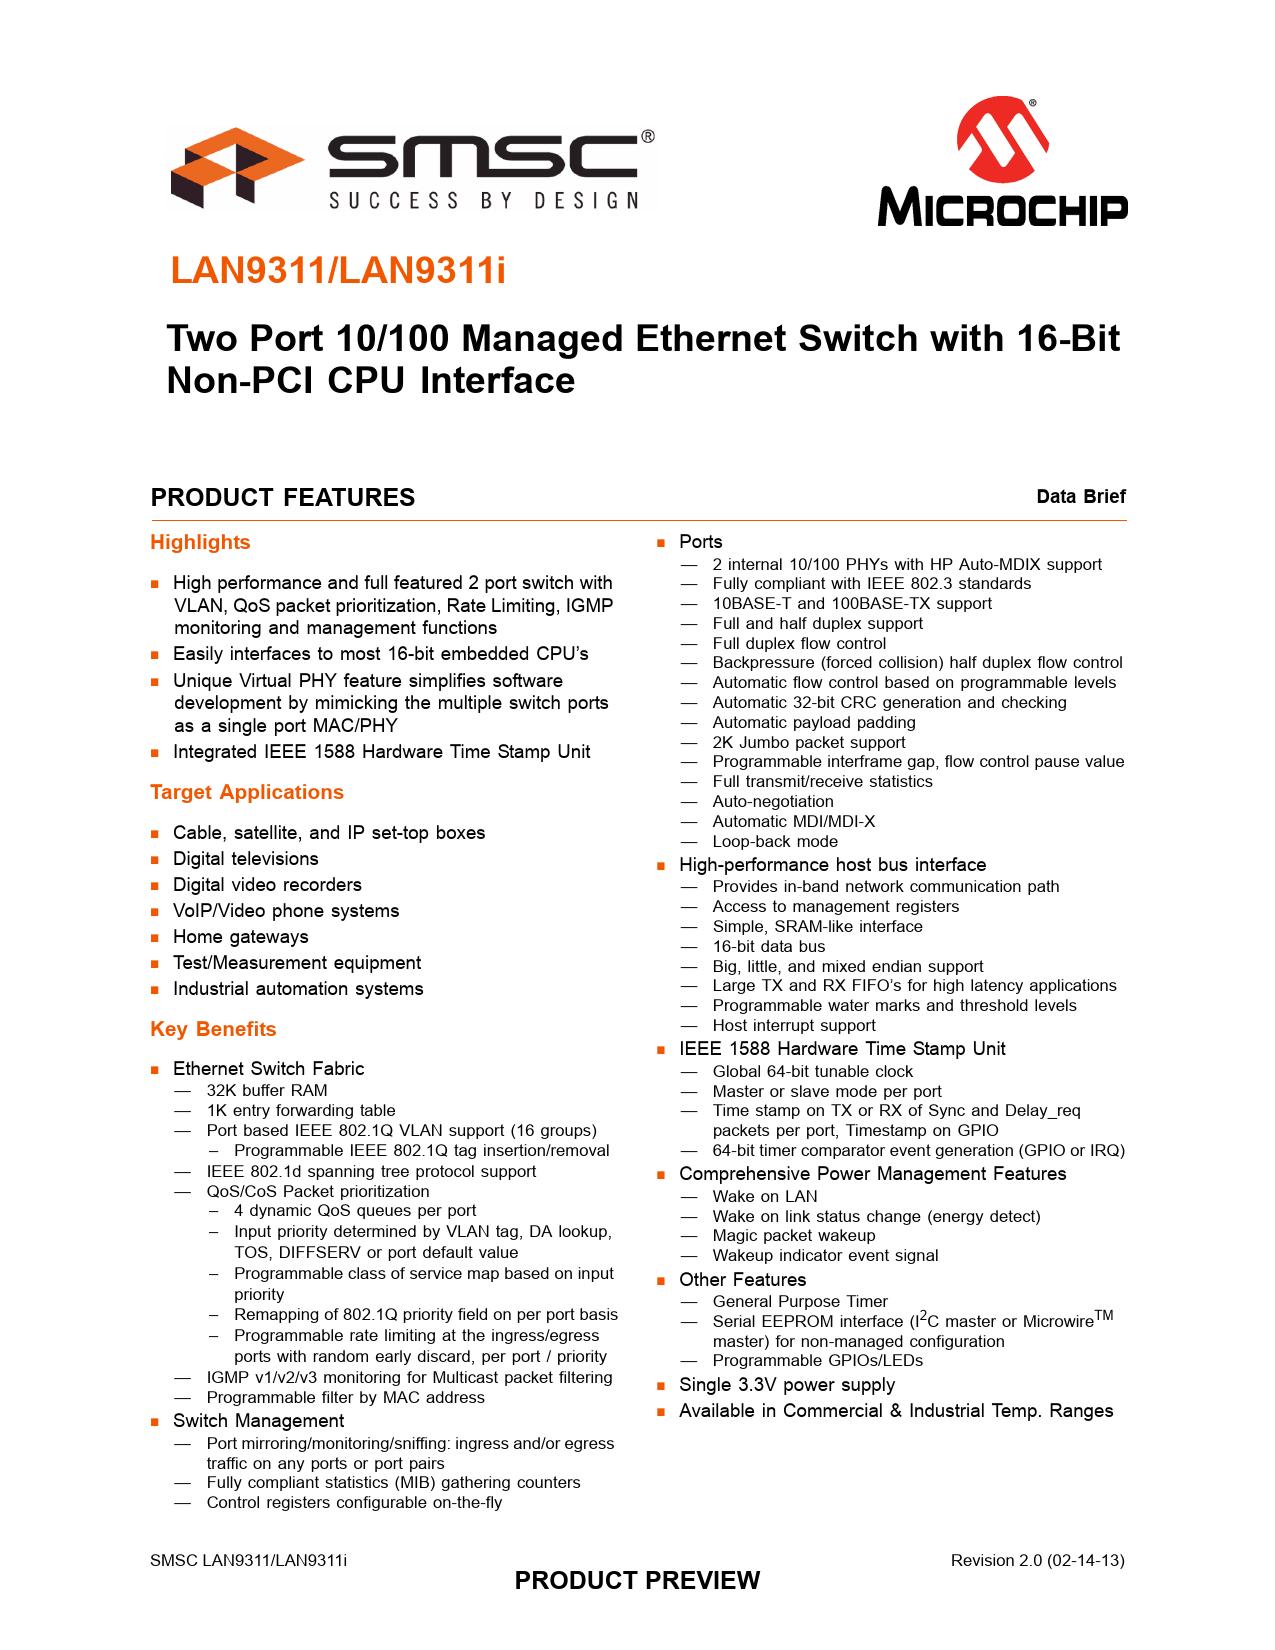 Datasheet LAN9311, LAN9311i Microchip